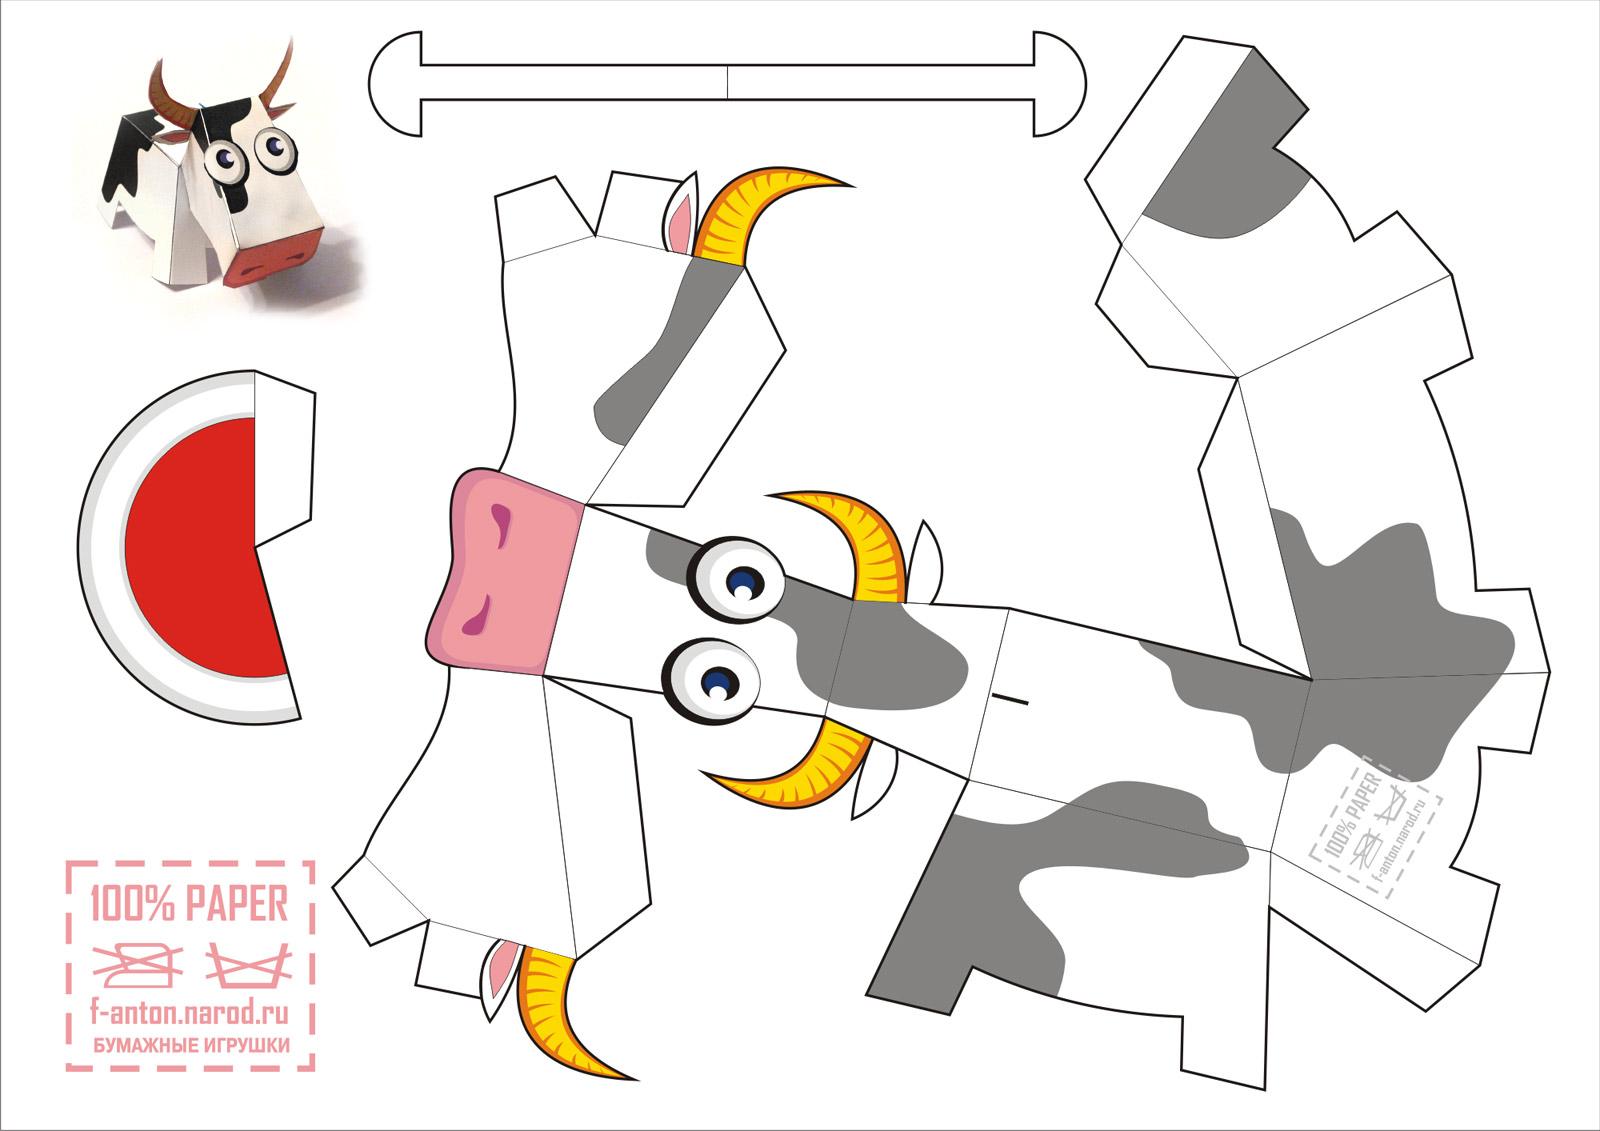 Для того чтобы изготовить такую игрушку, необходимо распечатать заготовку, вырезать и склеить по схеме.